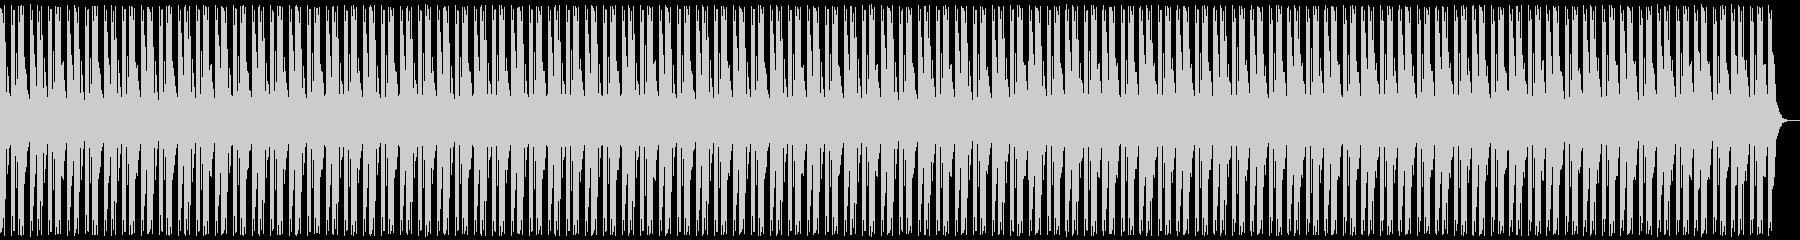 フリースタイル用ビートの未再生の波形